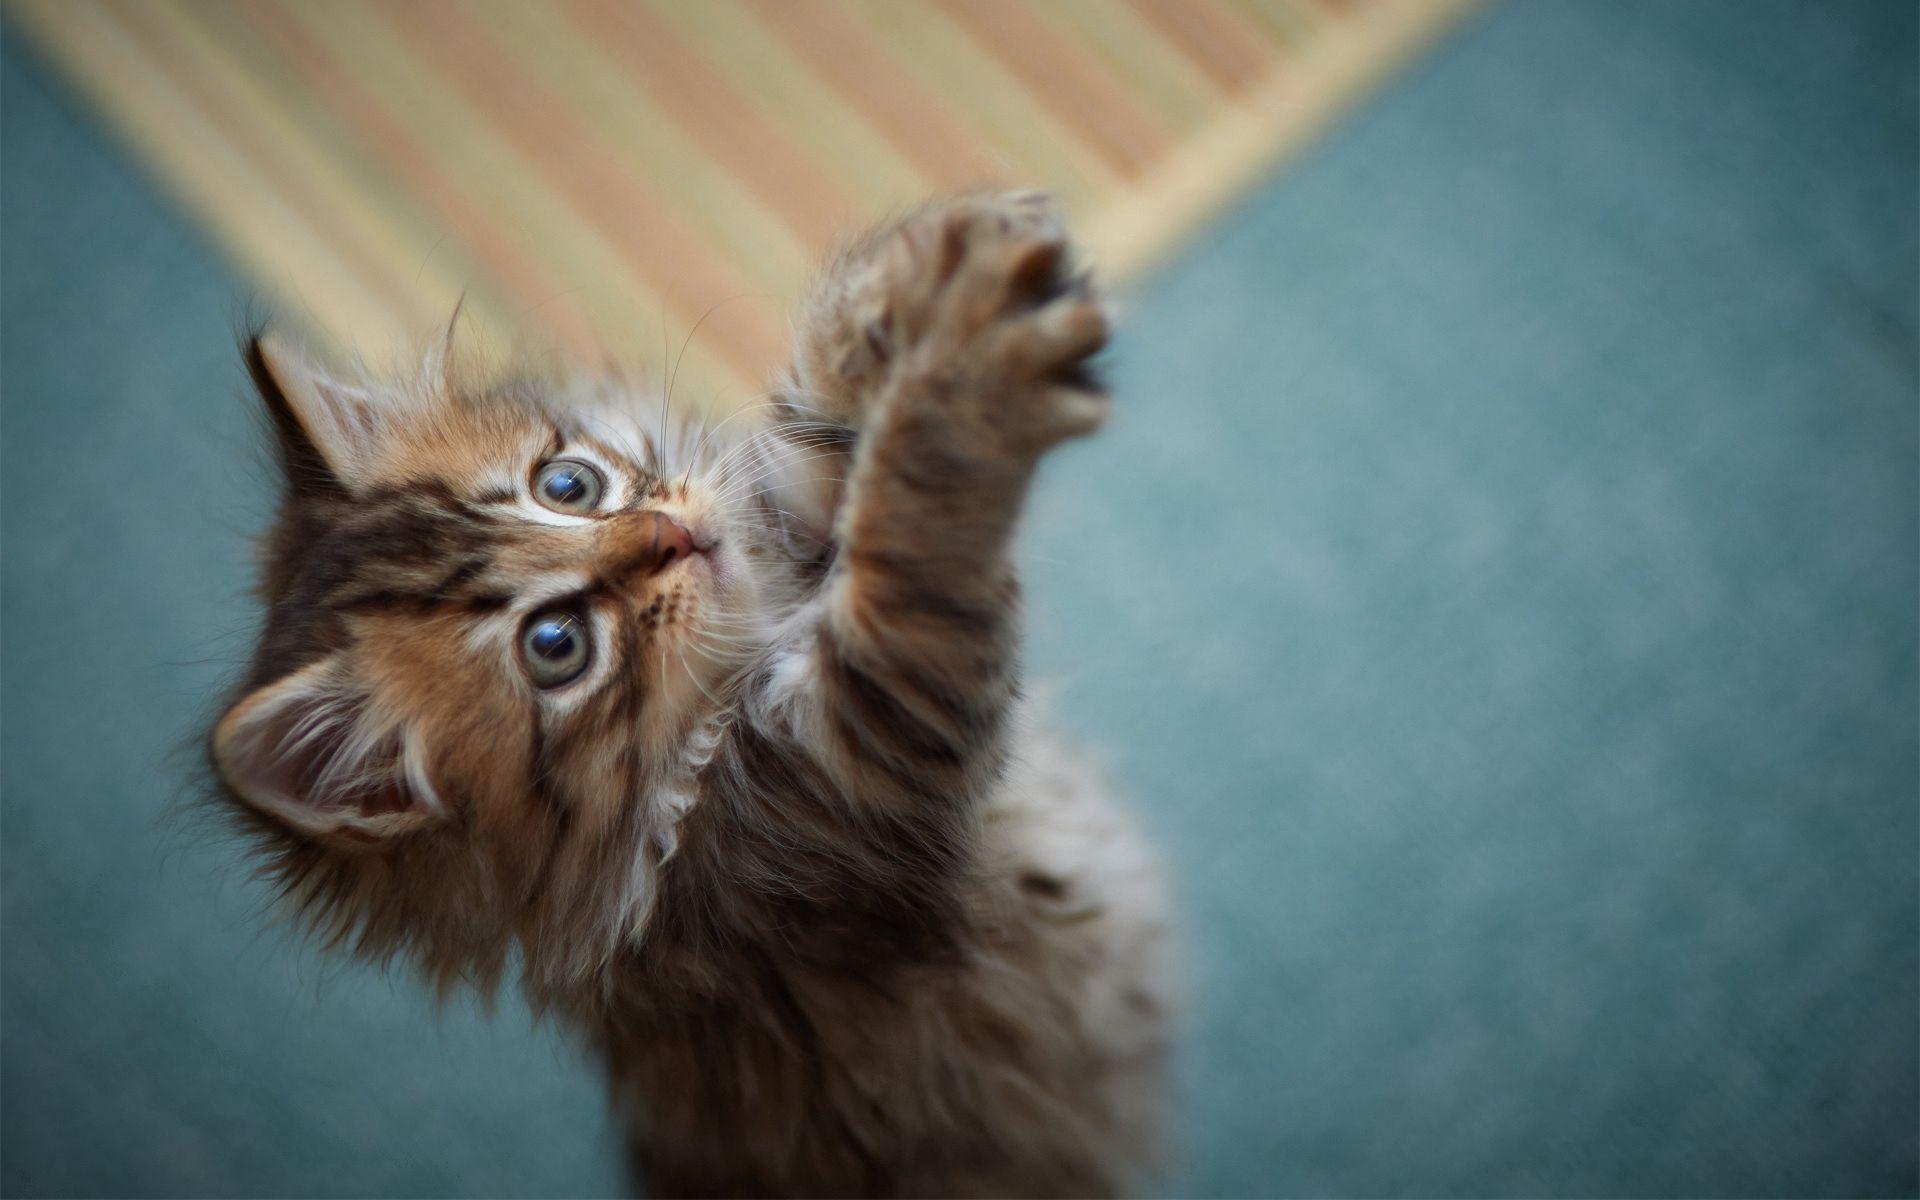 手機的65817屏保和壁紙游戏。 免費下載 动物, 猫咪, 小猫, 游戏, 爪子, 毛皮, 蓬松的, 蓬松 圖片